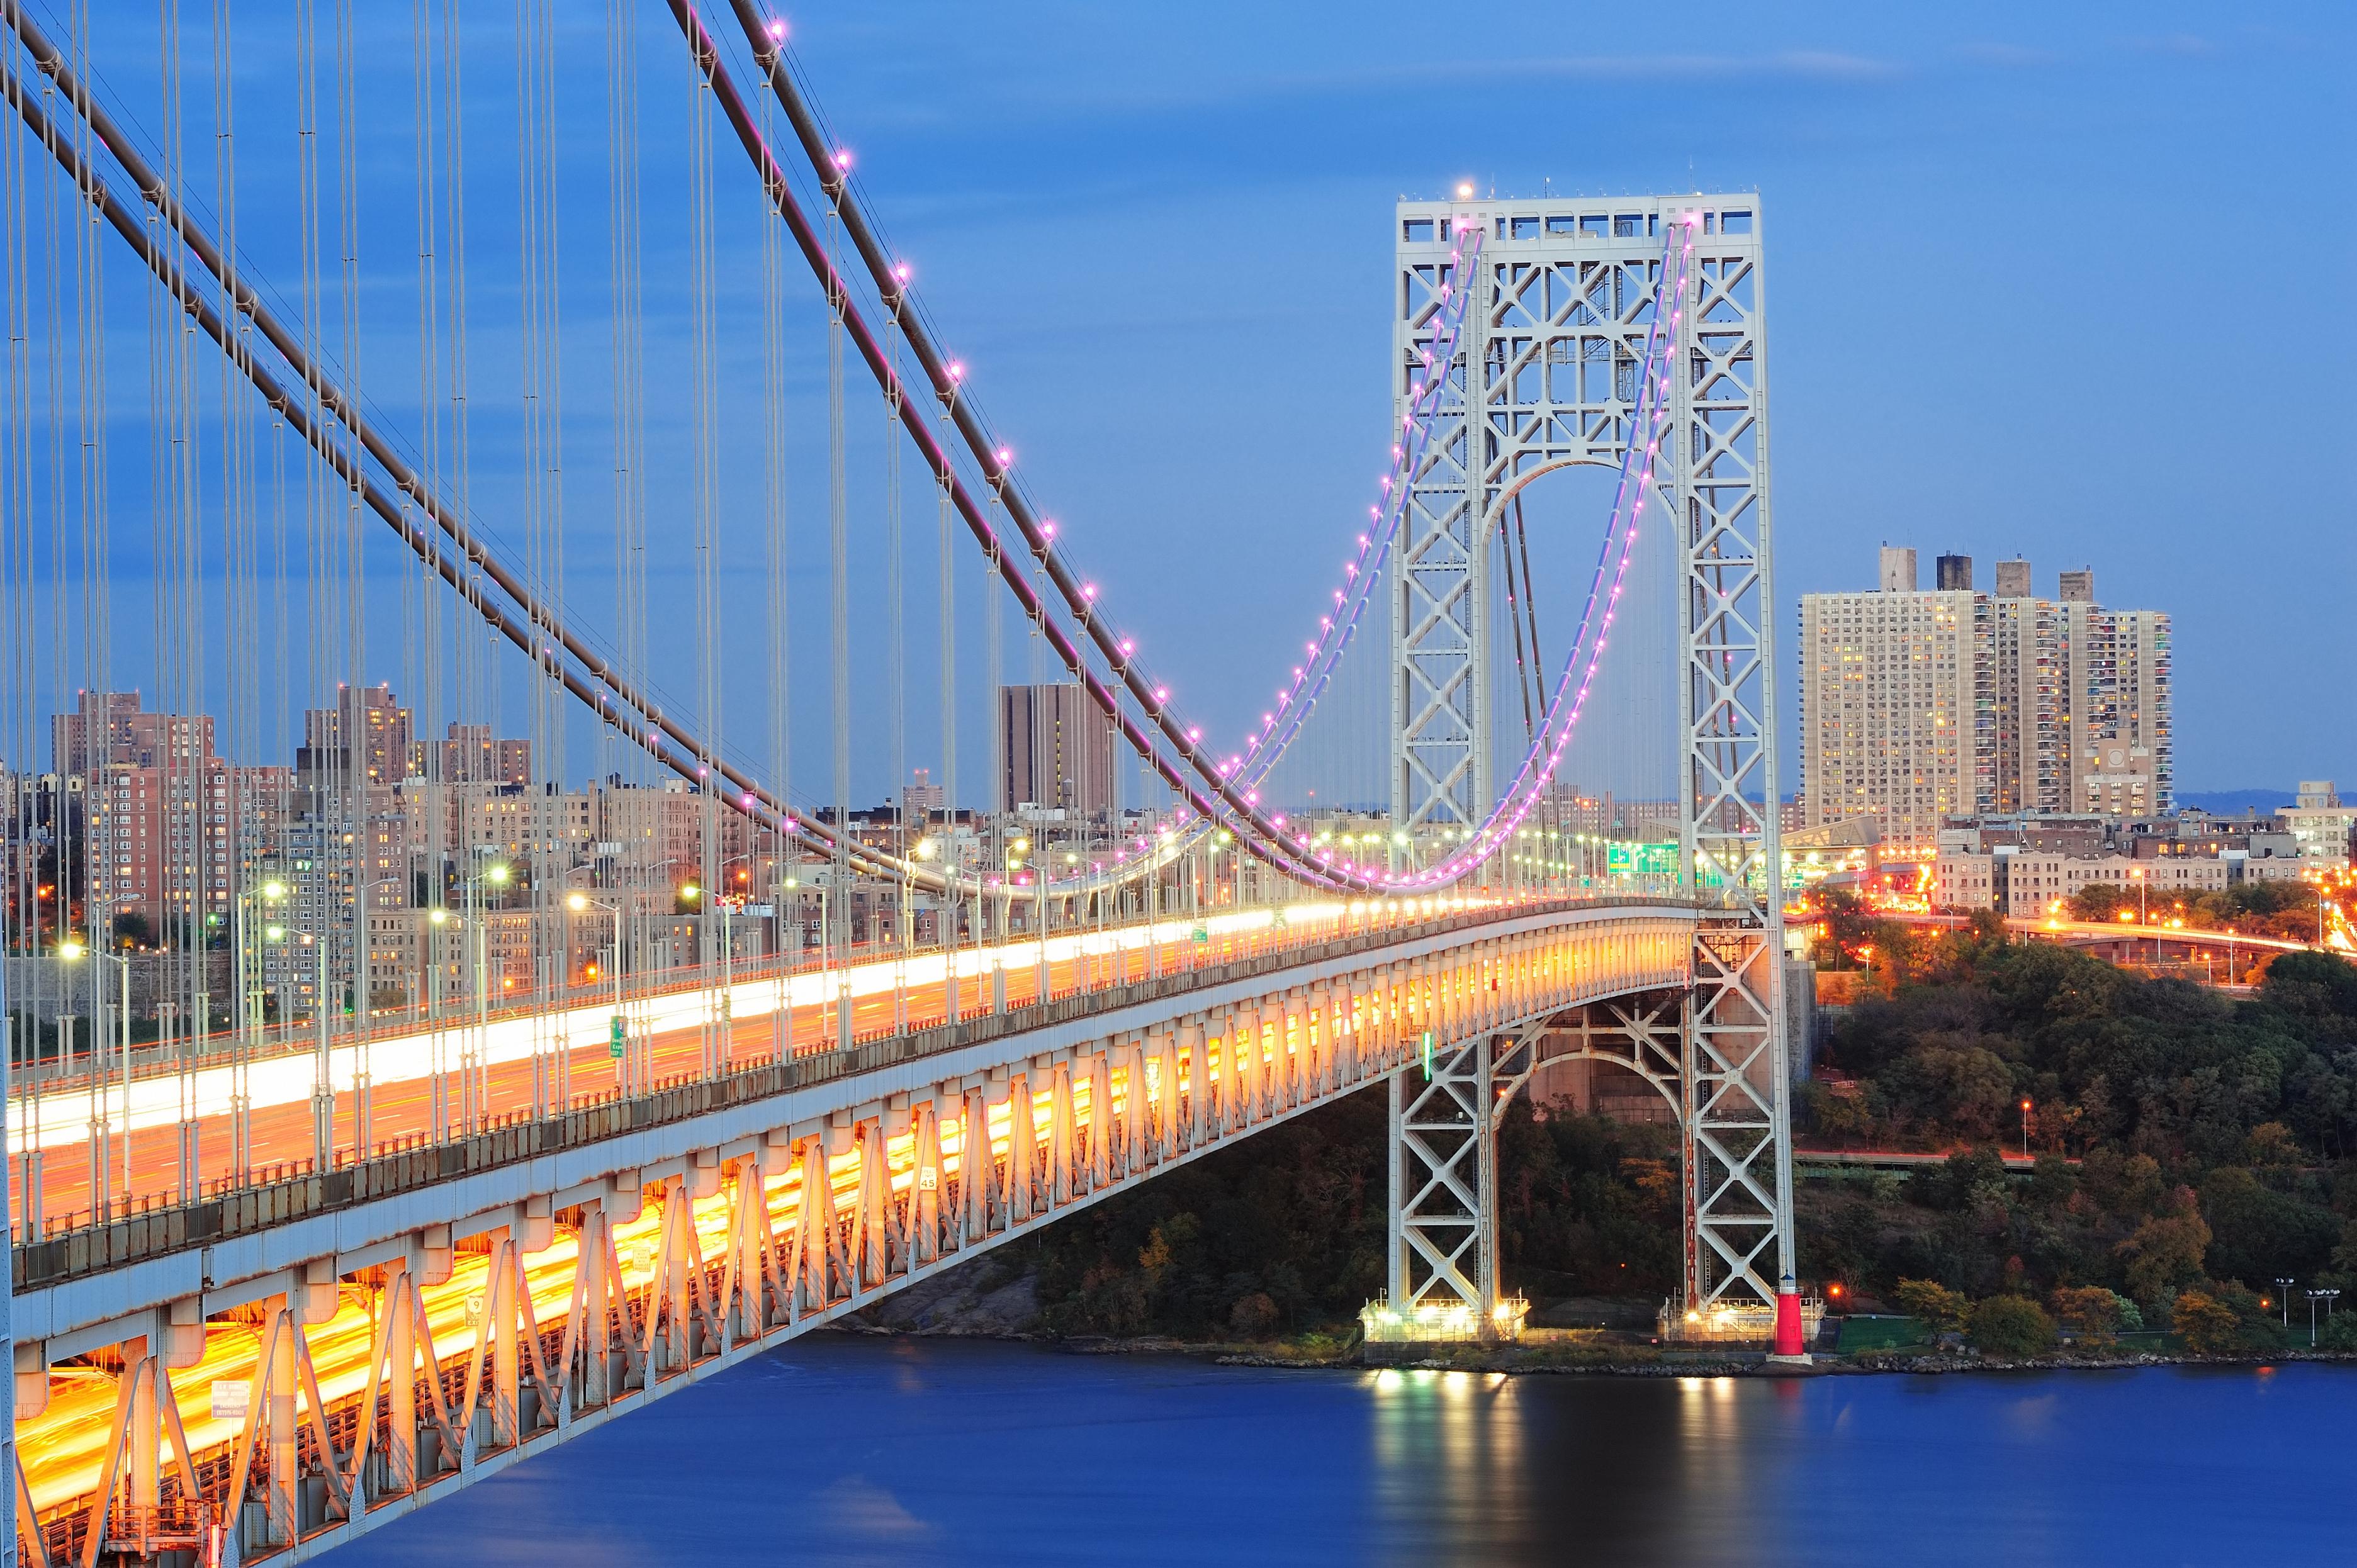 Advantages & Disadvantages of a Suspension Bridge | Getaway USA